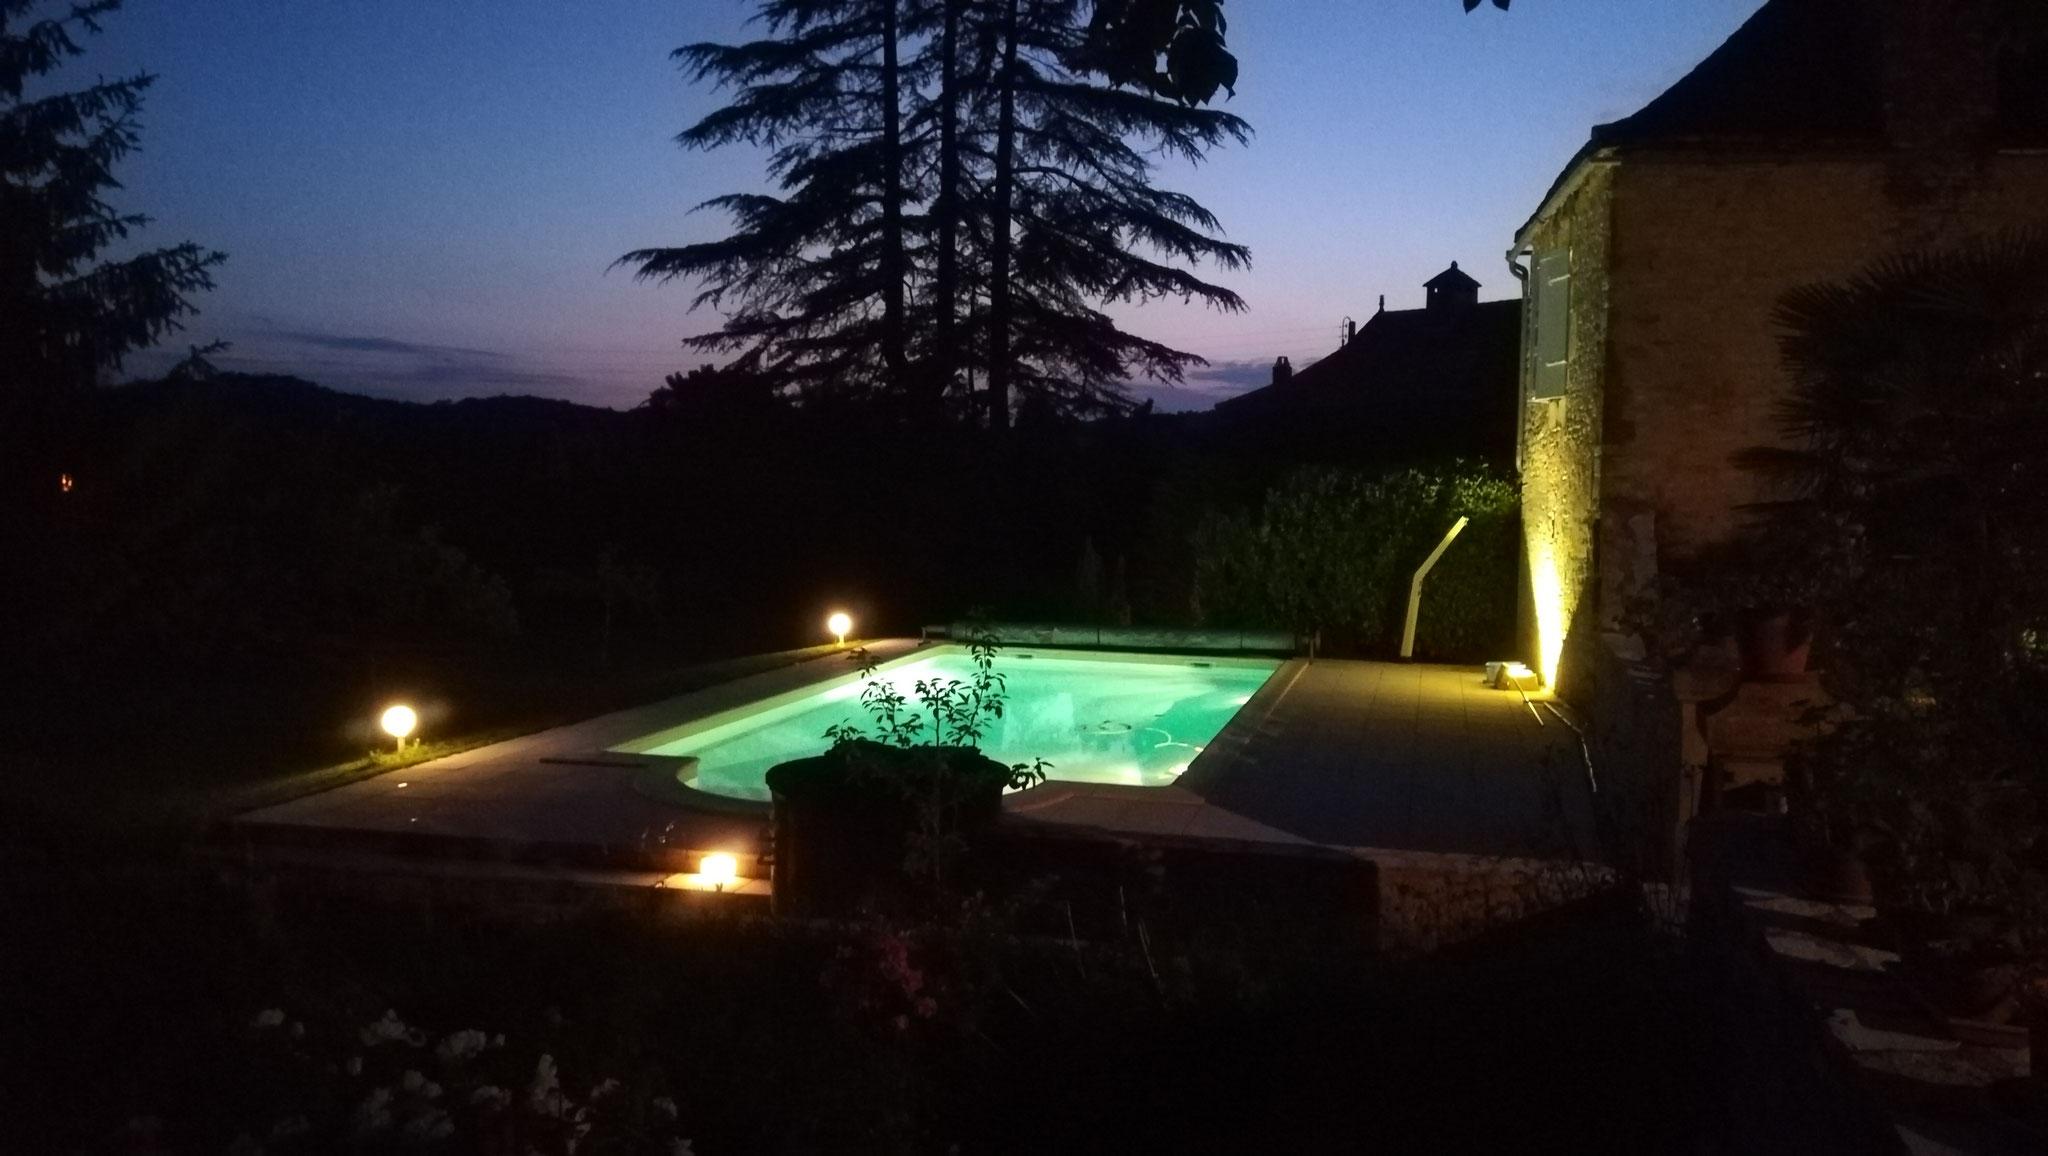 Domaine de Vielcastel, profitez de la piscine éclairée la nuit